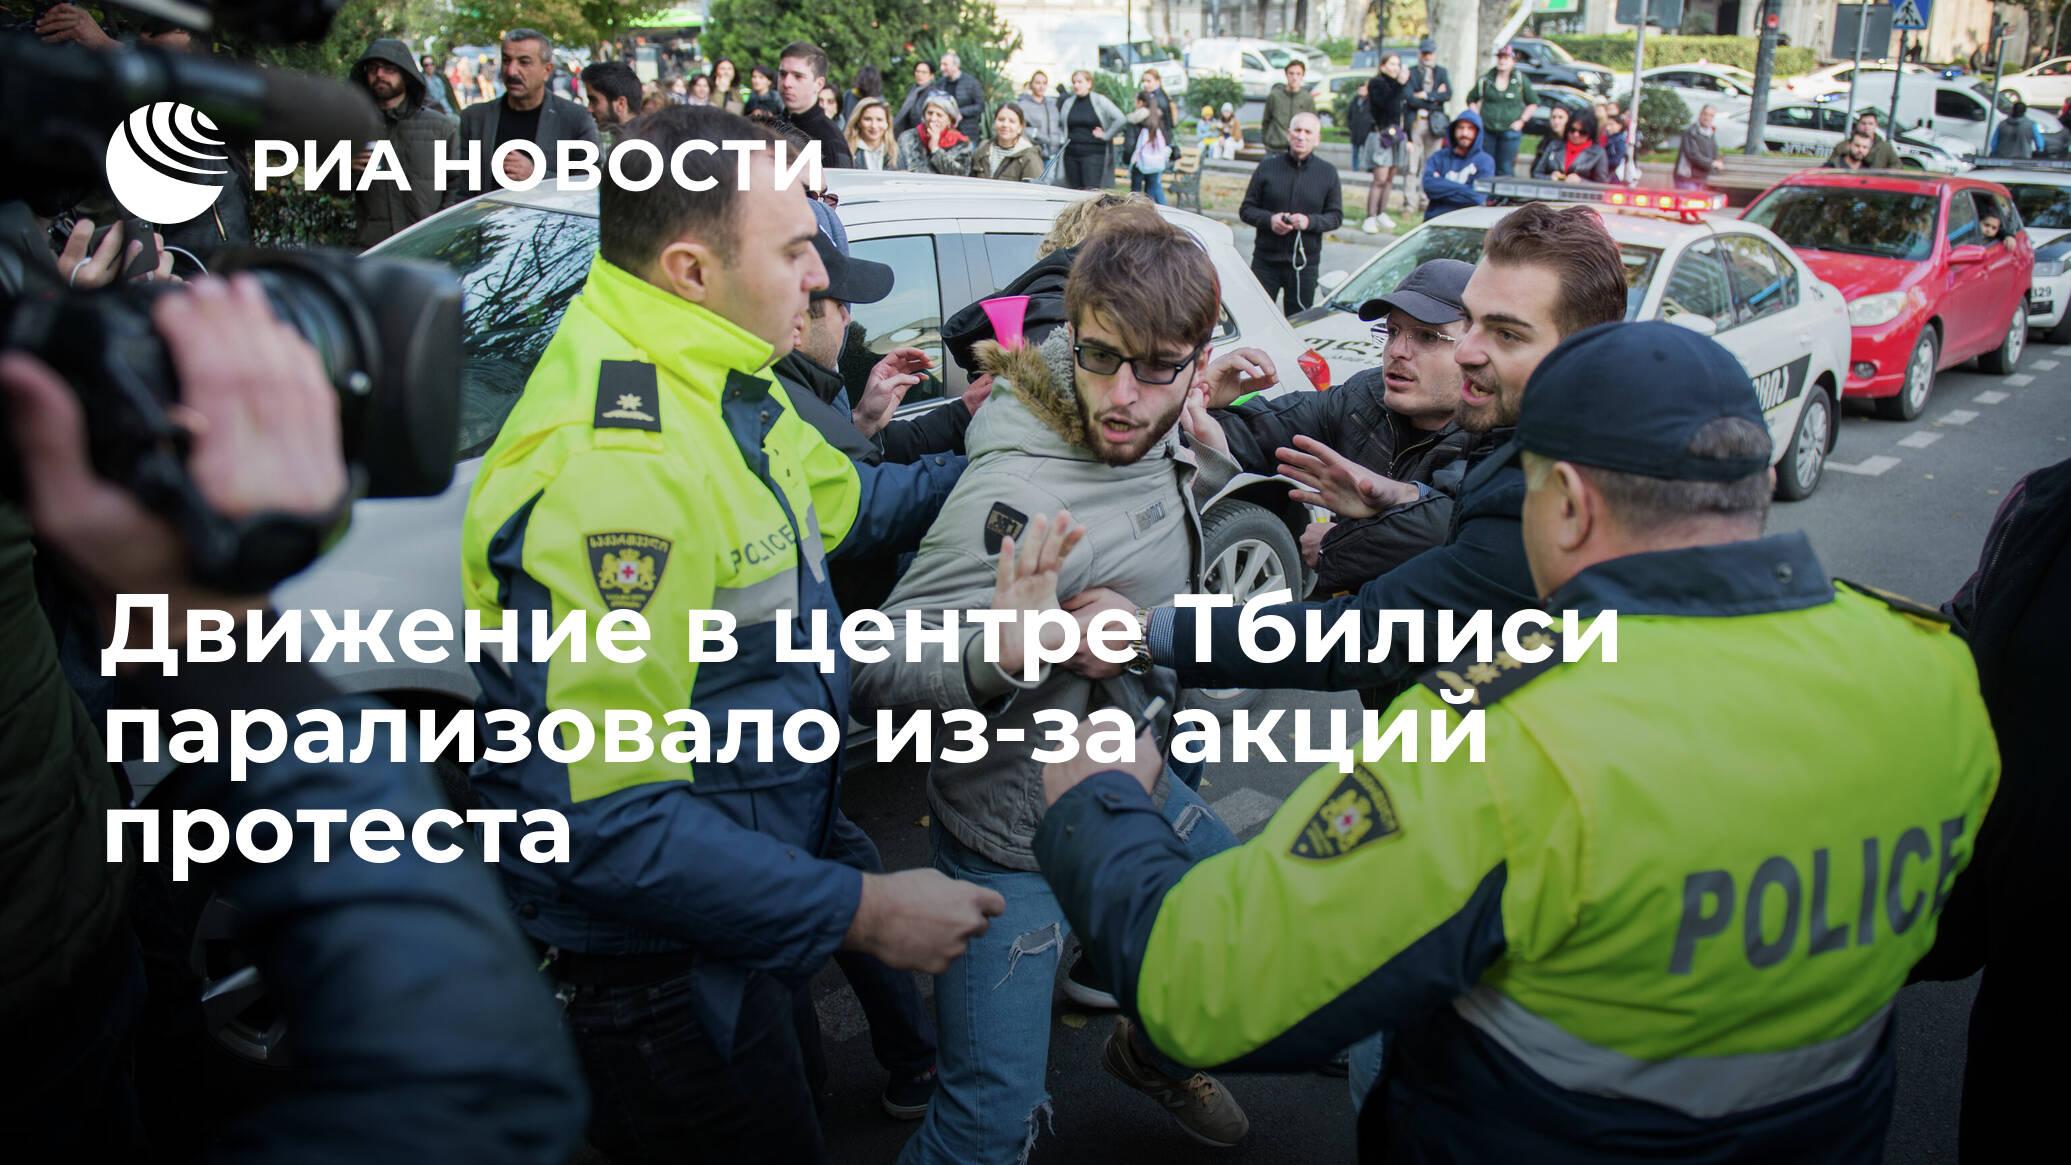 Движение в центре Тбилиси парализовало из-за акций протеста